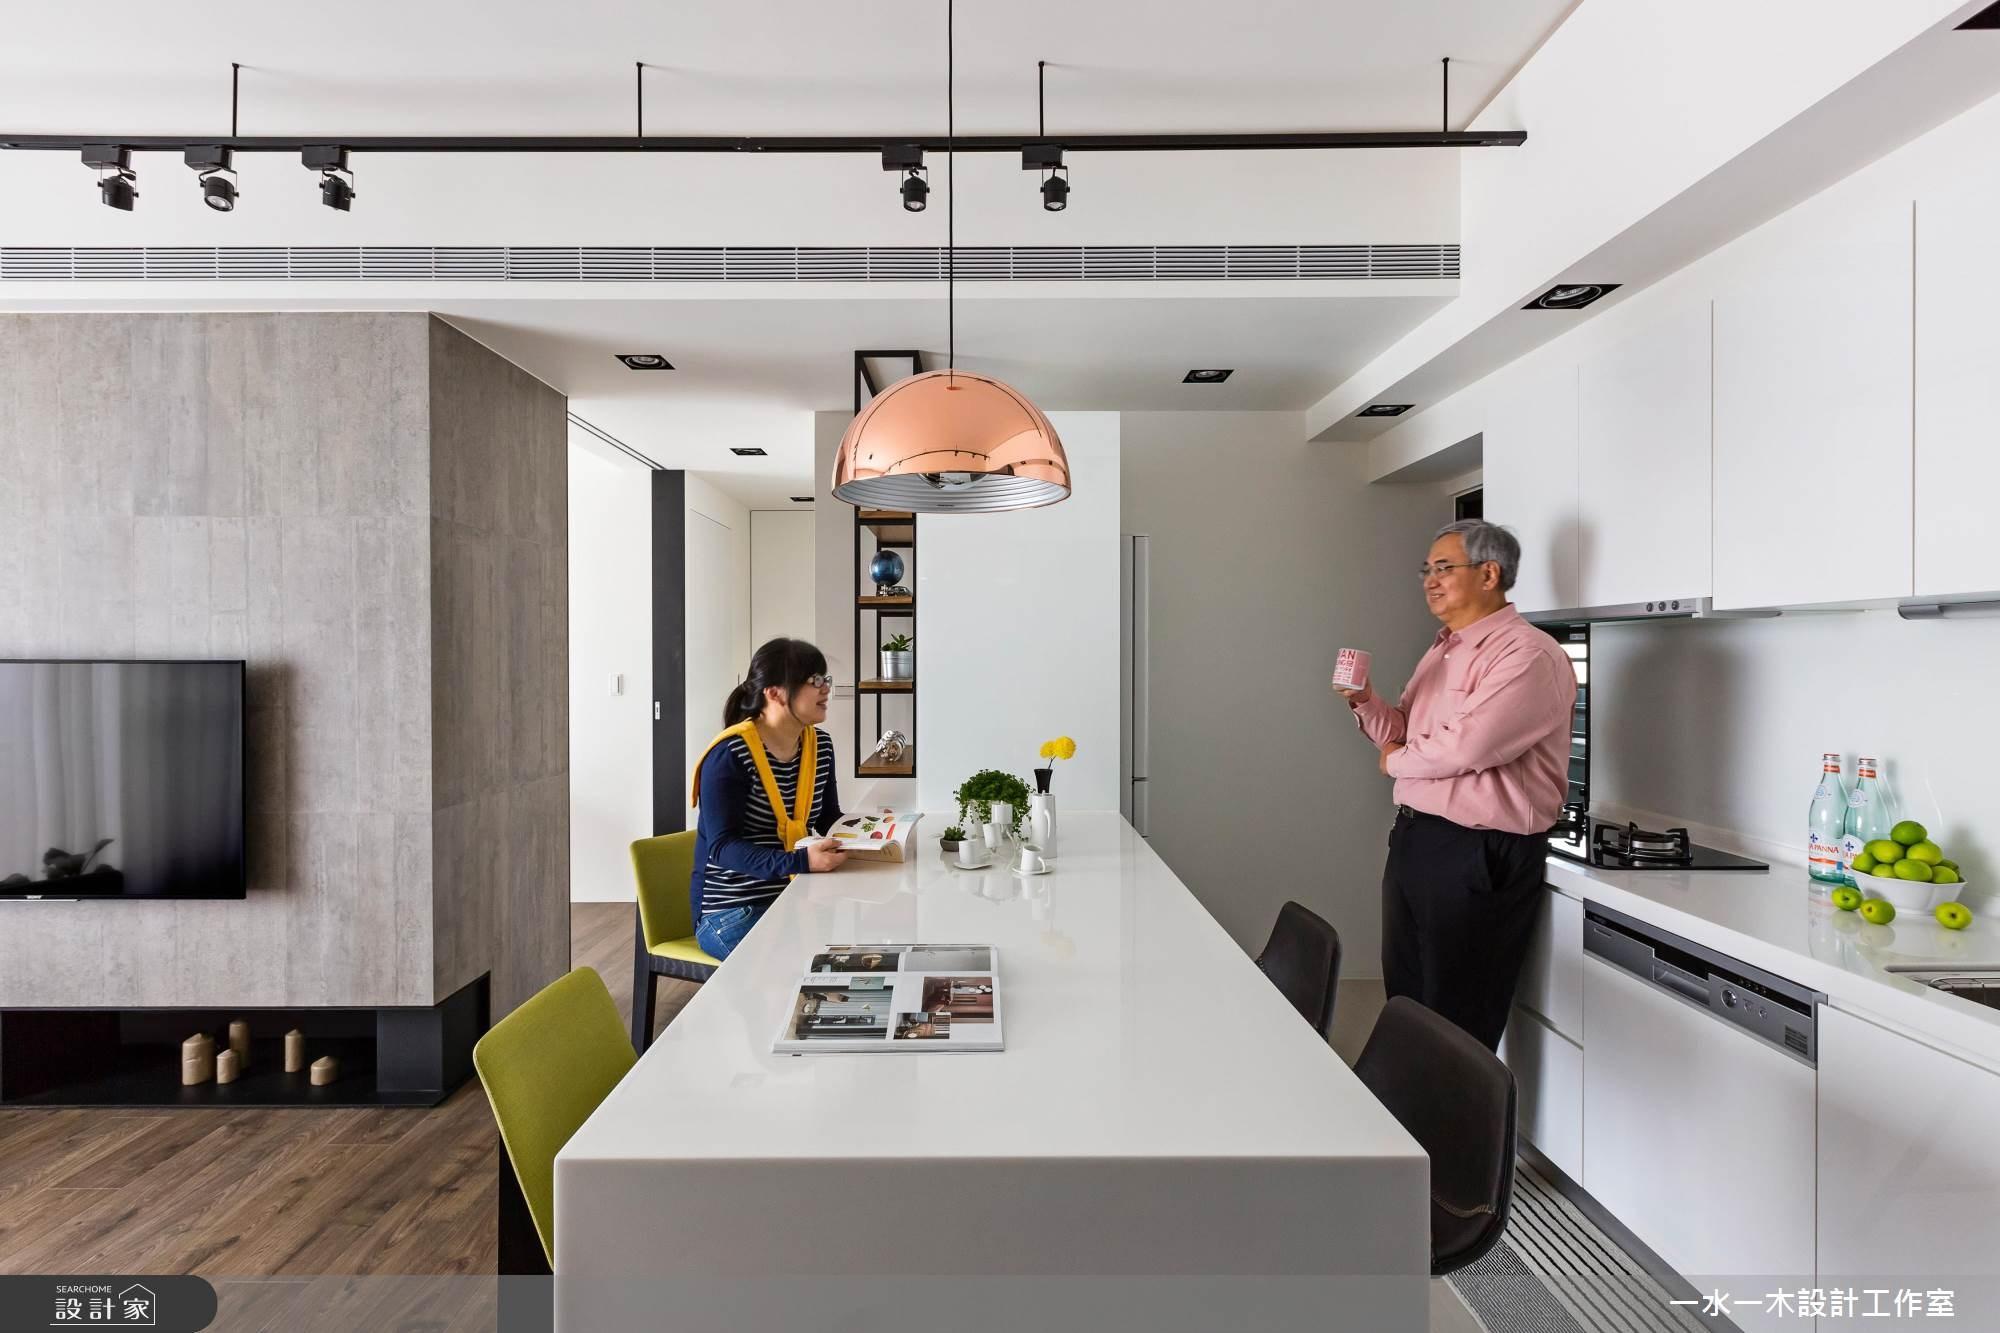 23坪新成屋(5年以下)_工業風餐廳案例圖片_一水一木設計工作室_一水一木_34之11